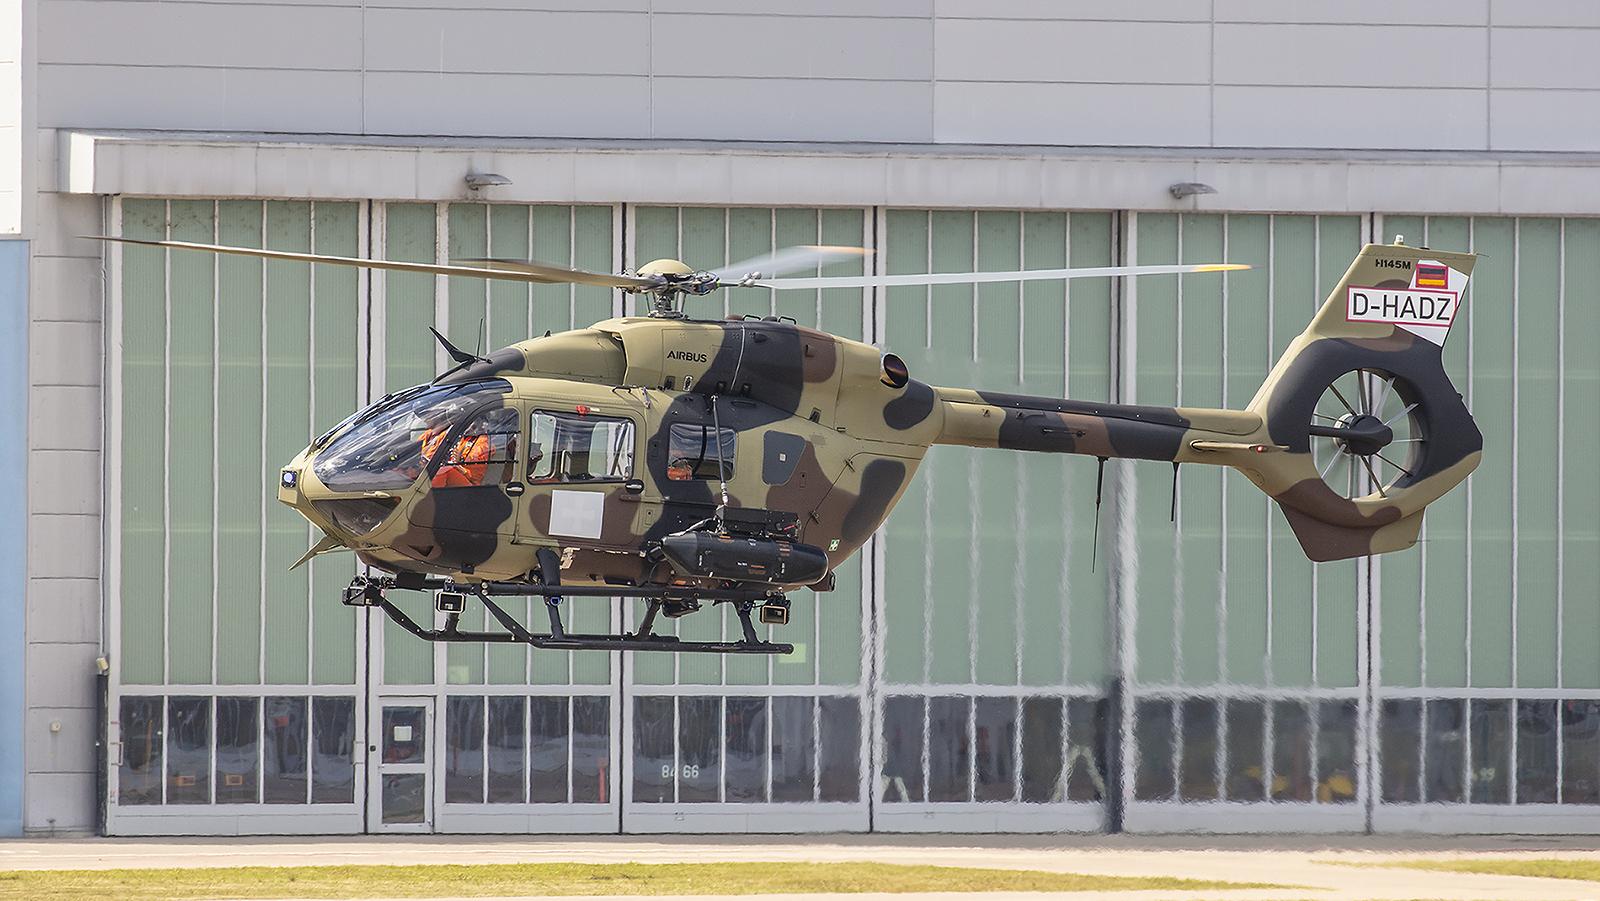 Auch Serbien nutzt den H145M